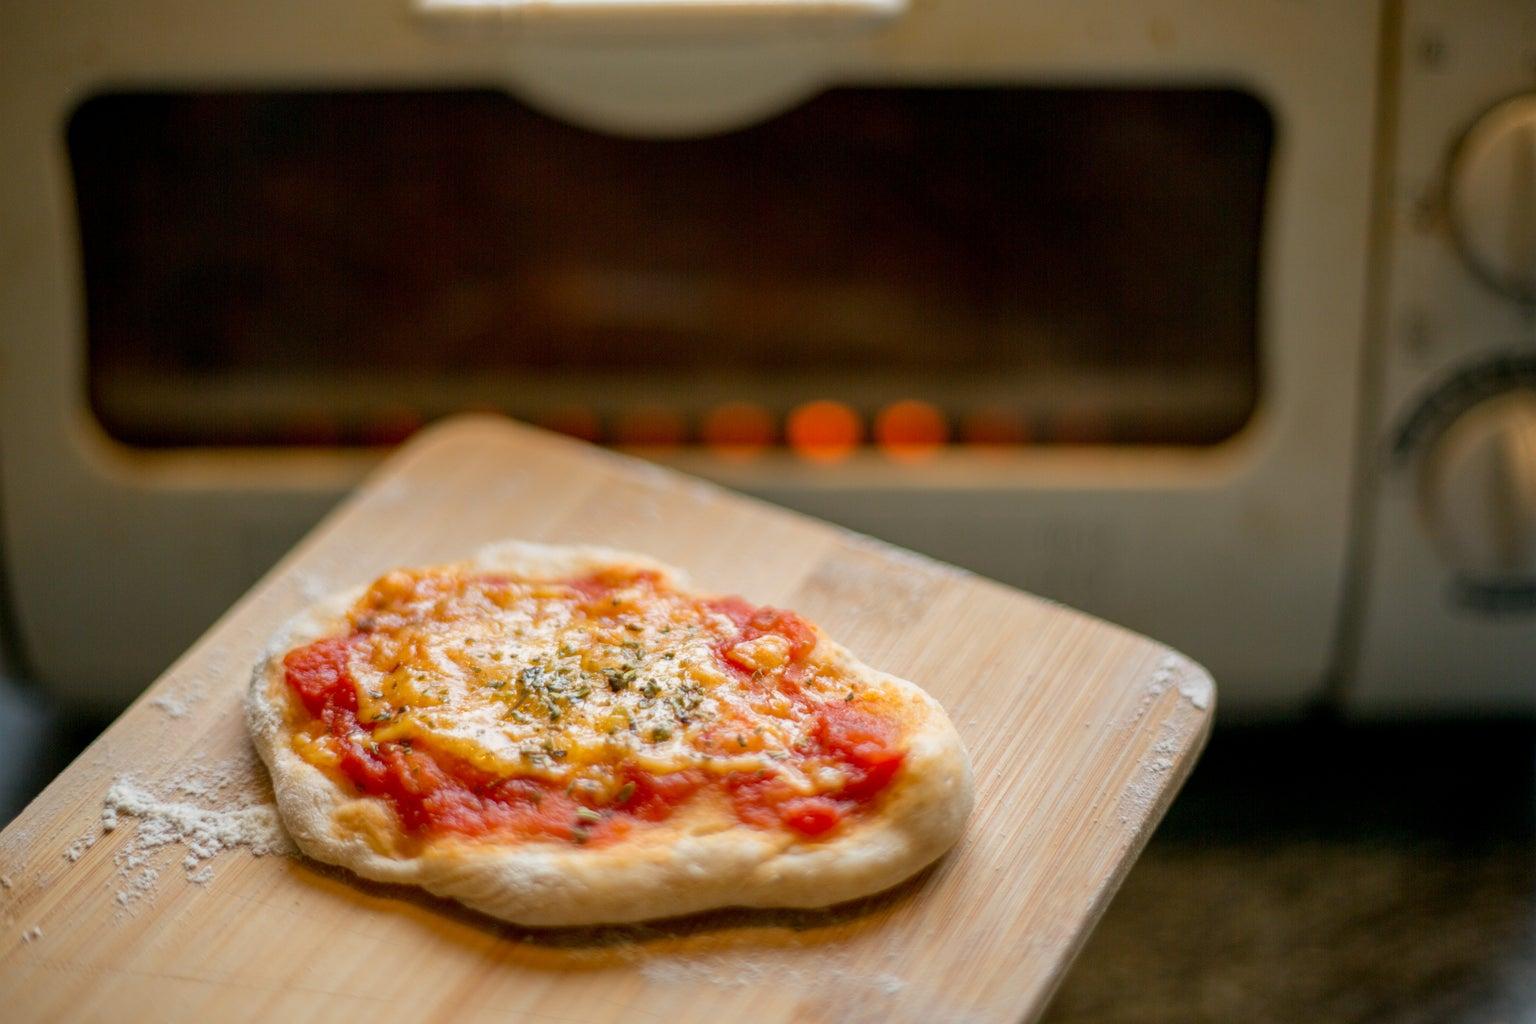 Improvising a Tiny Pizza Oven